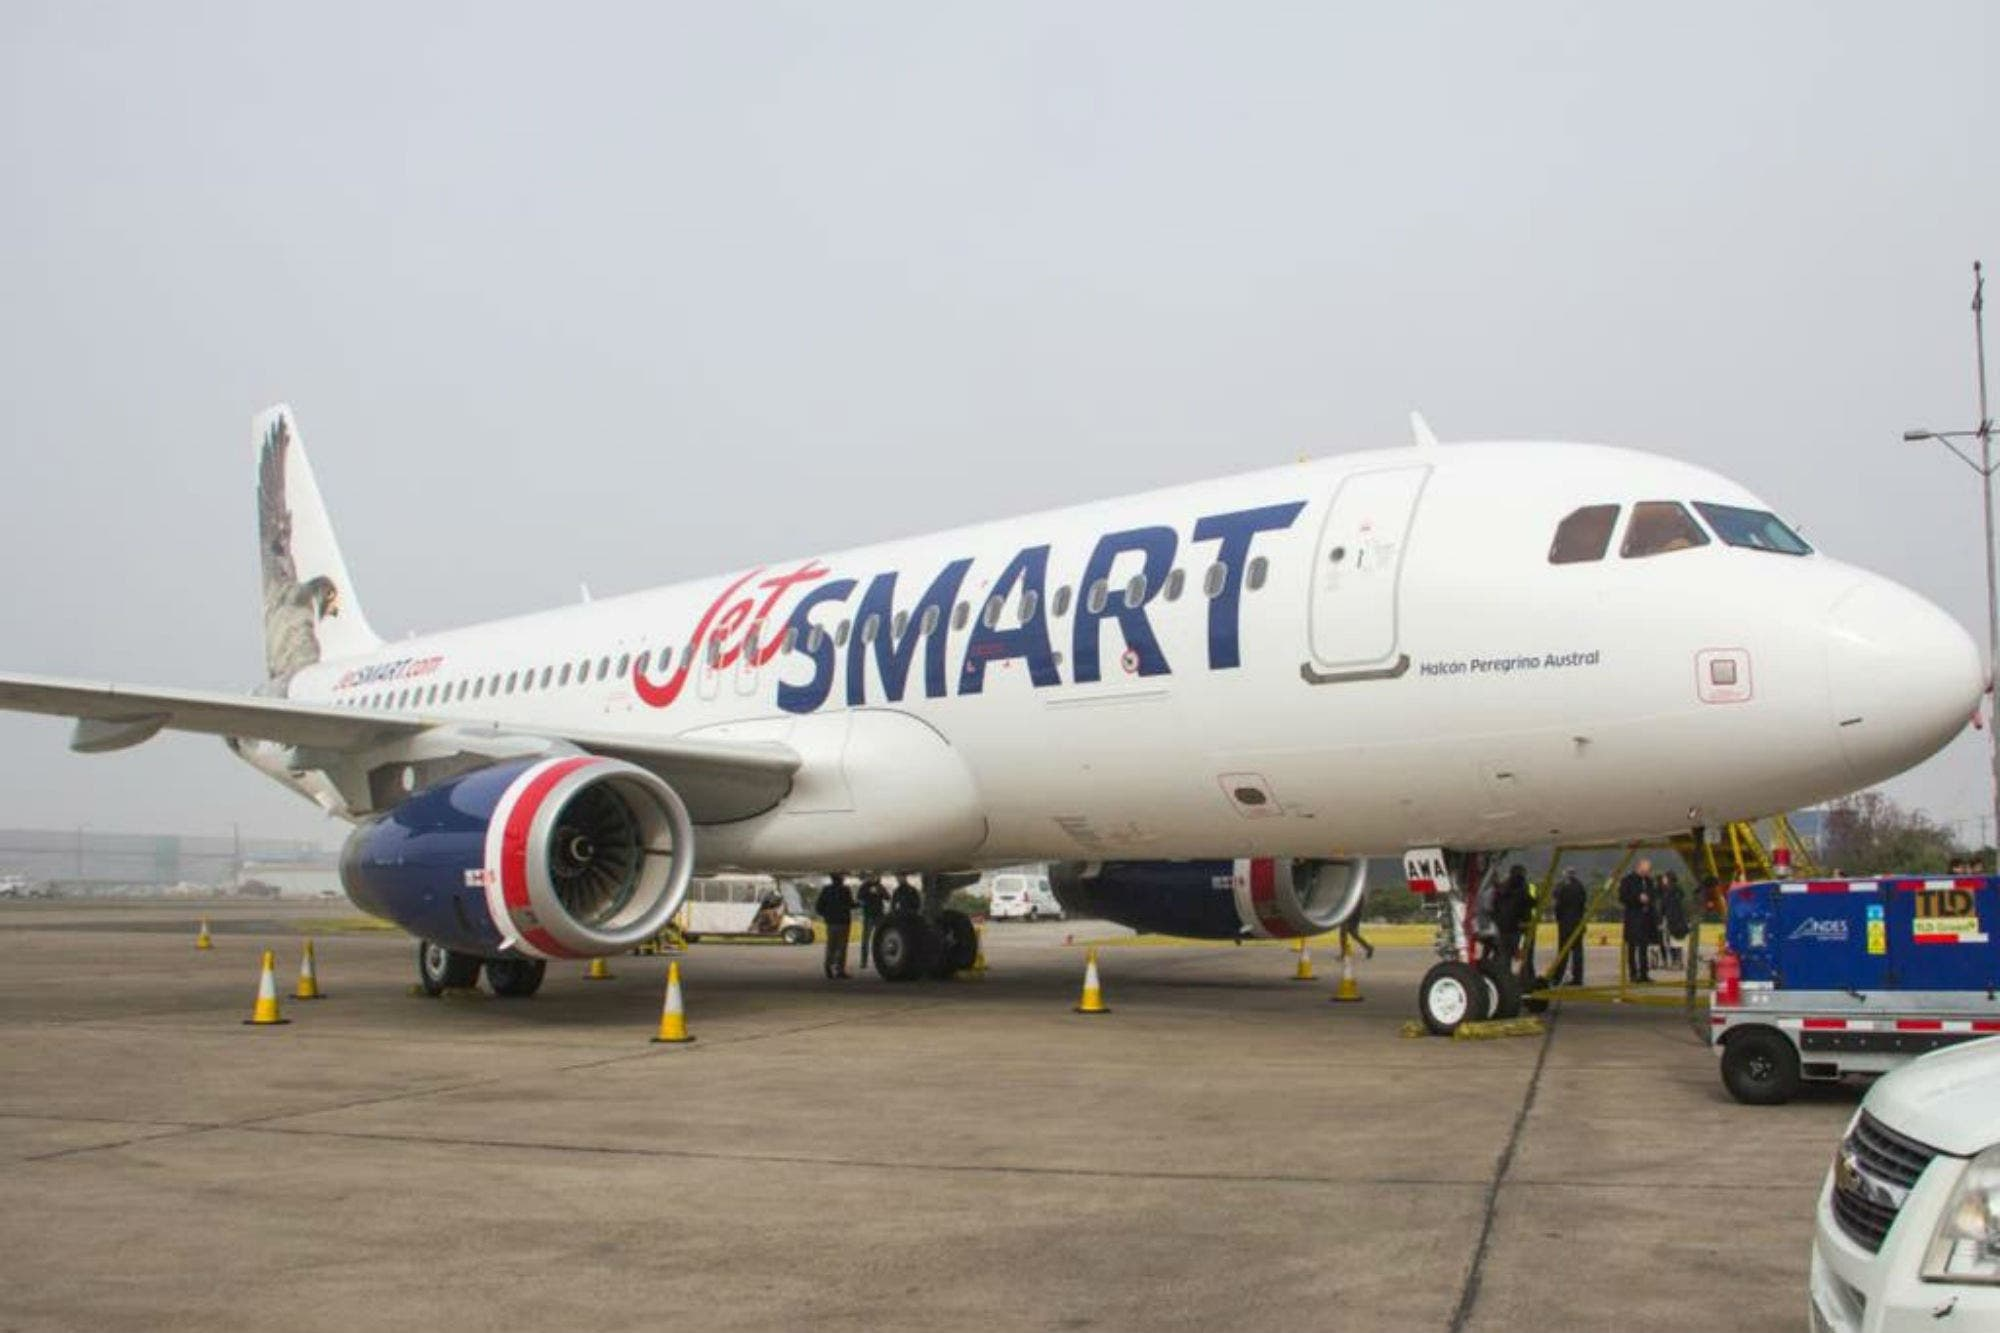 Vuelos low cost. JetSmart se queda con Norwegian Argentina y absorbe sus rutas